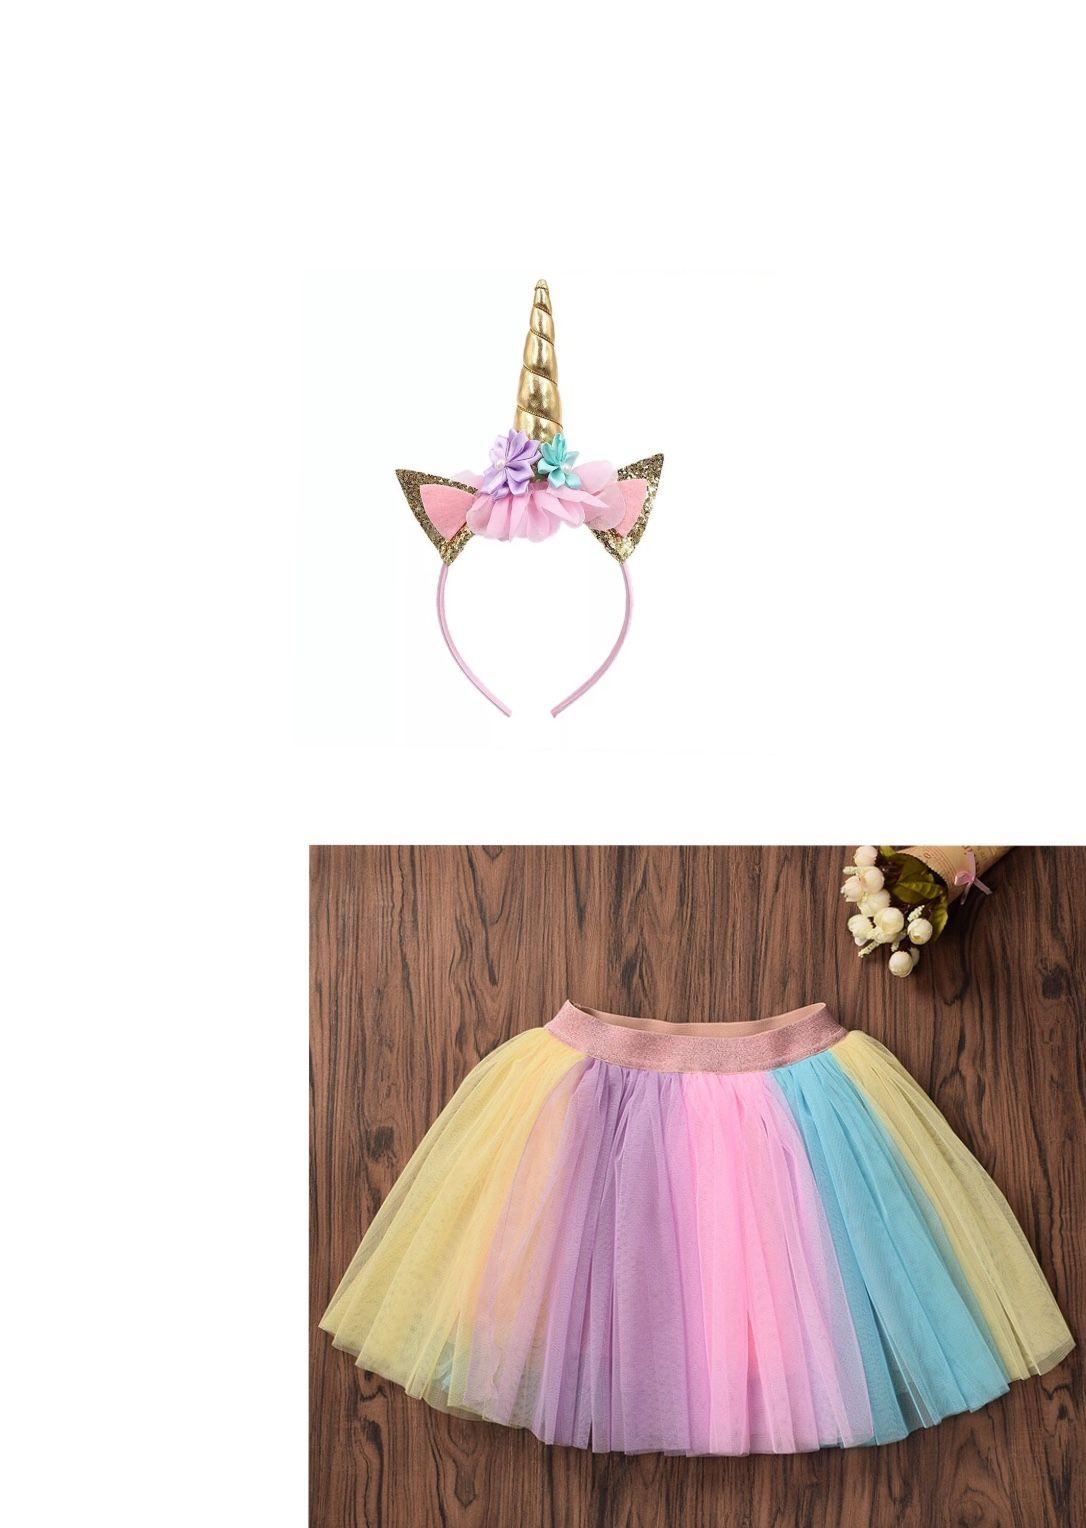 676cac0737 Compre S L Rainbow Unicorn Girl Tutu Skirt Girl Pony Theme Fiesta De  Cumpleaños Faldas Con Diadema Niños Unicornio Traje Conjunto A $854.28 Del  Zvayo666 ...